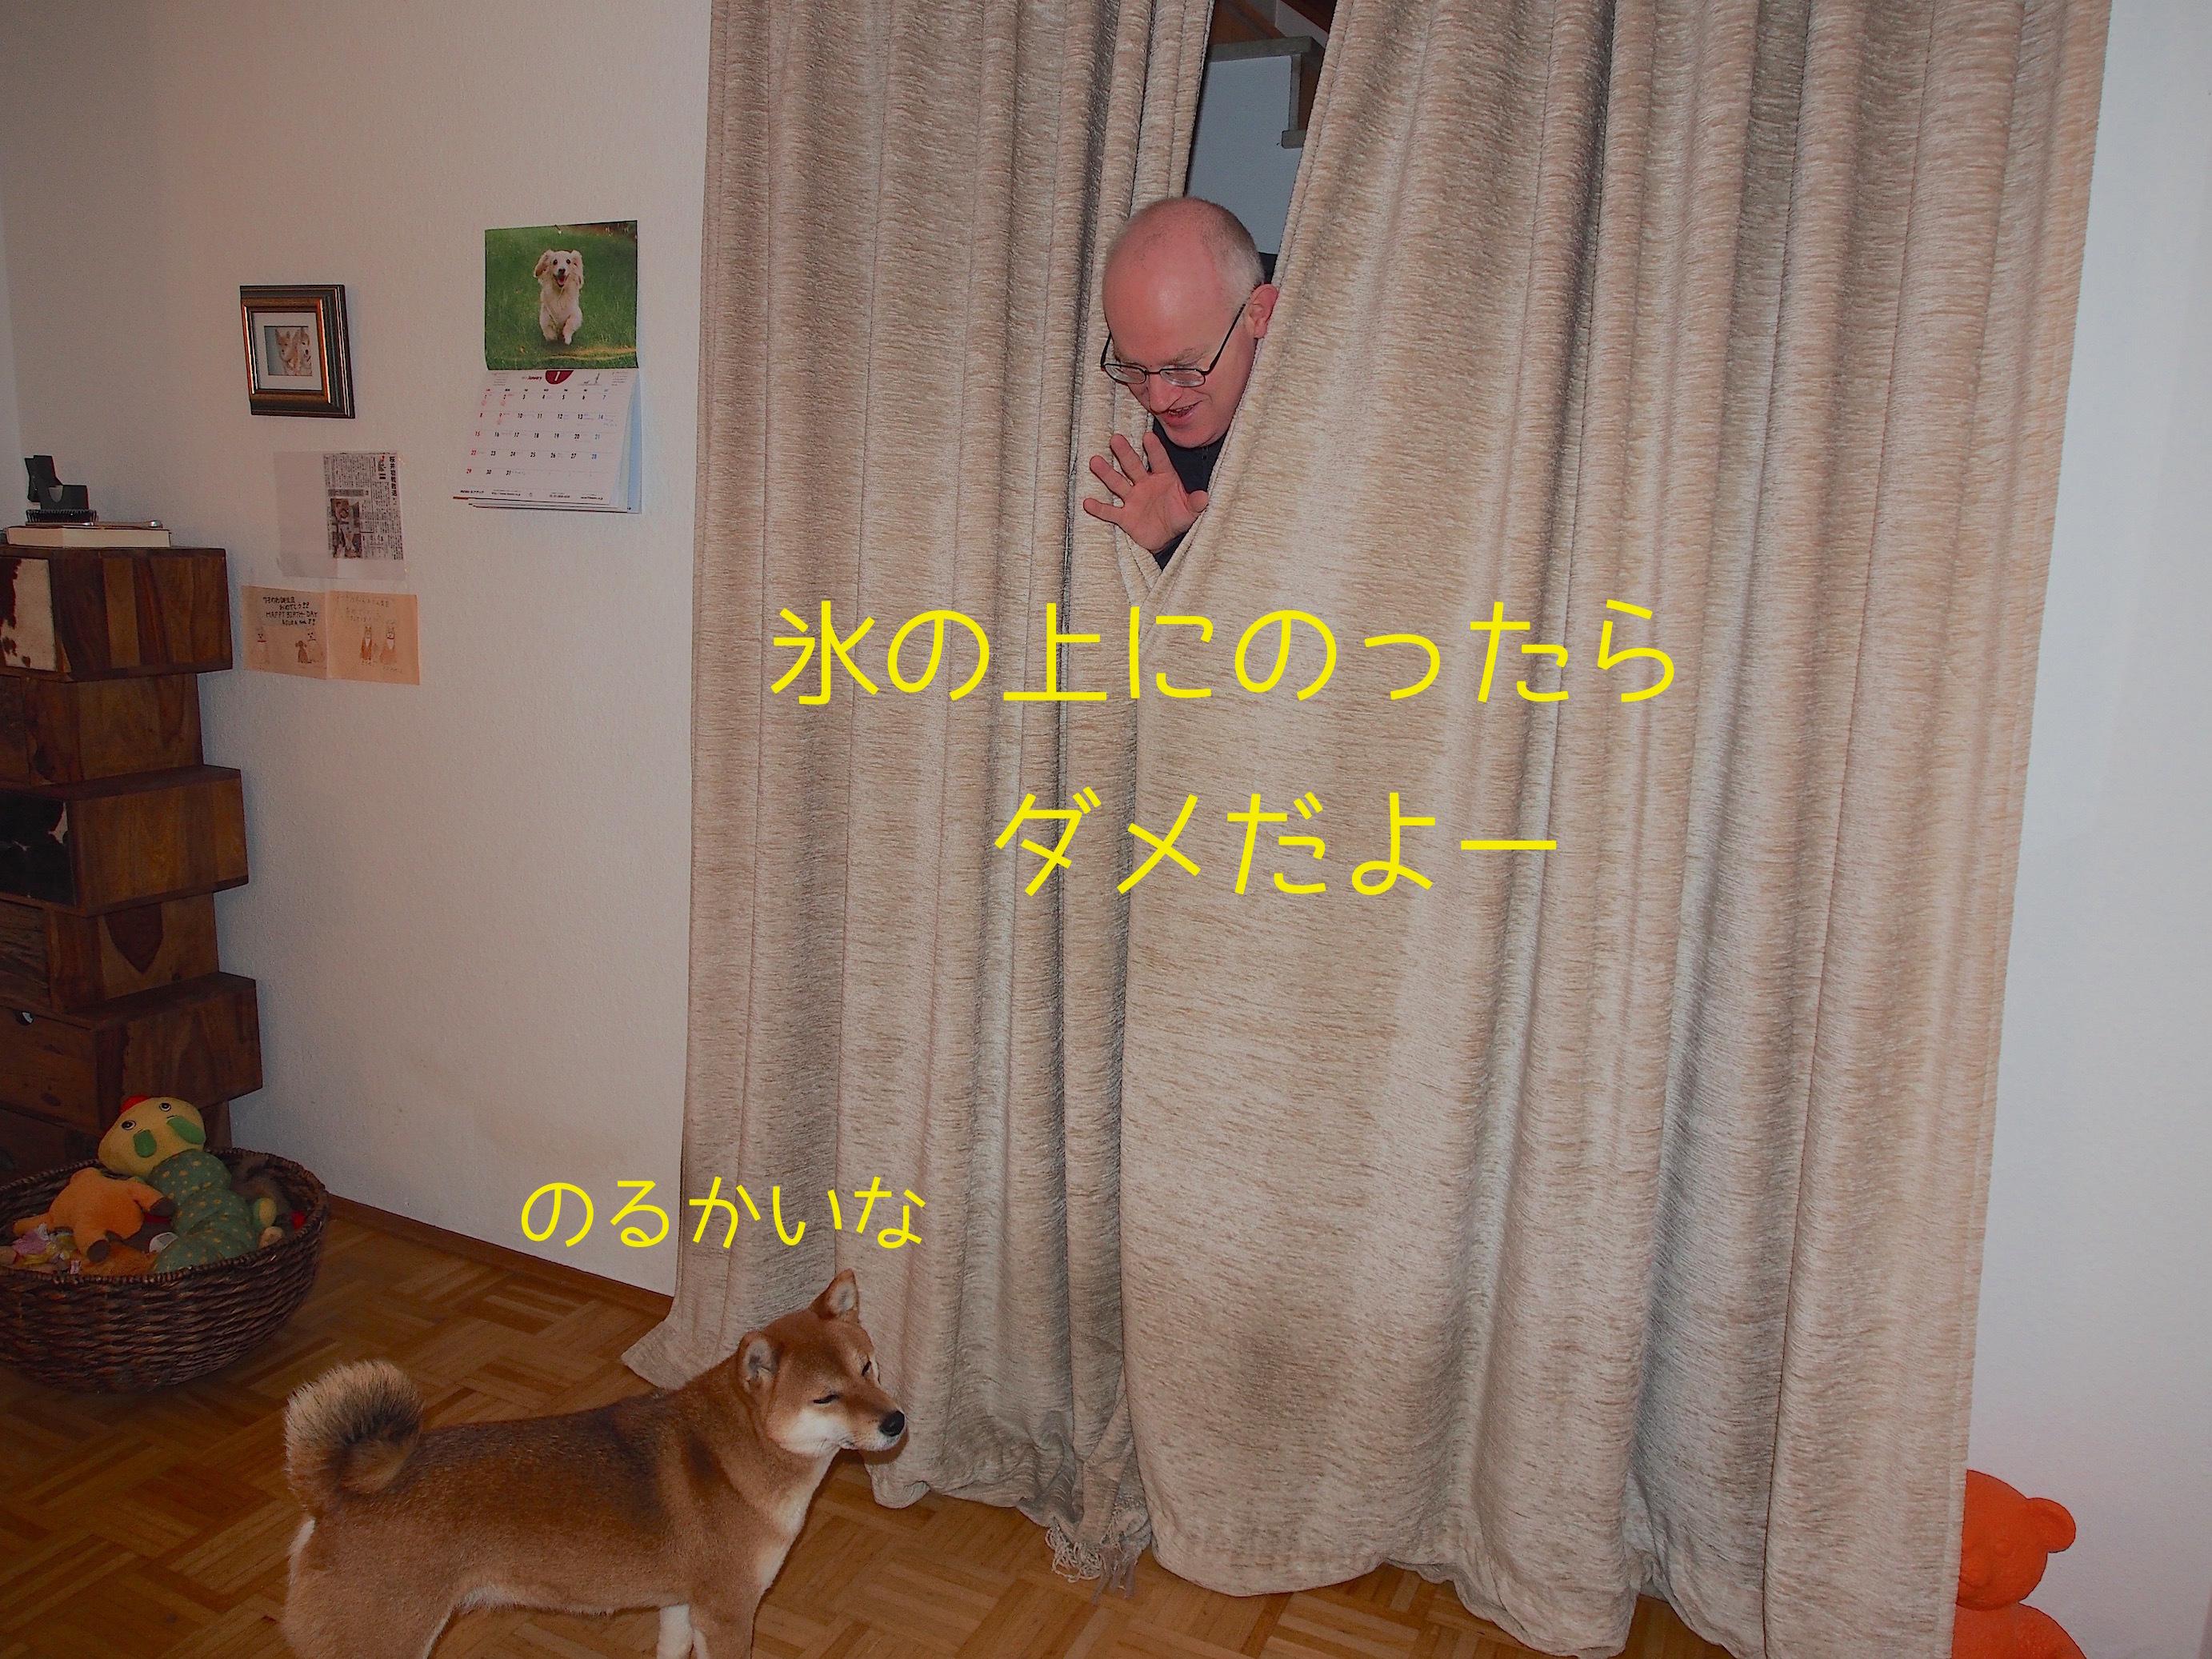 20170125203008362.jpeg